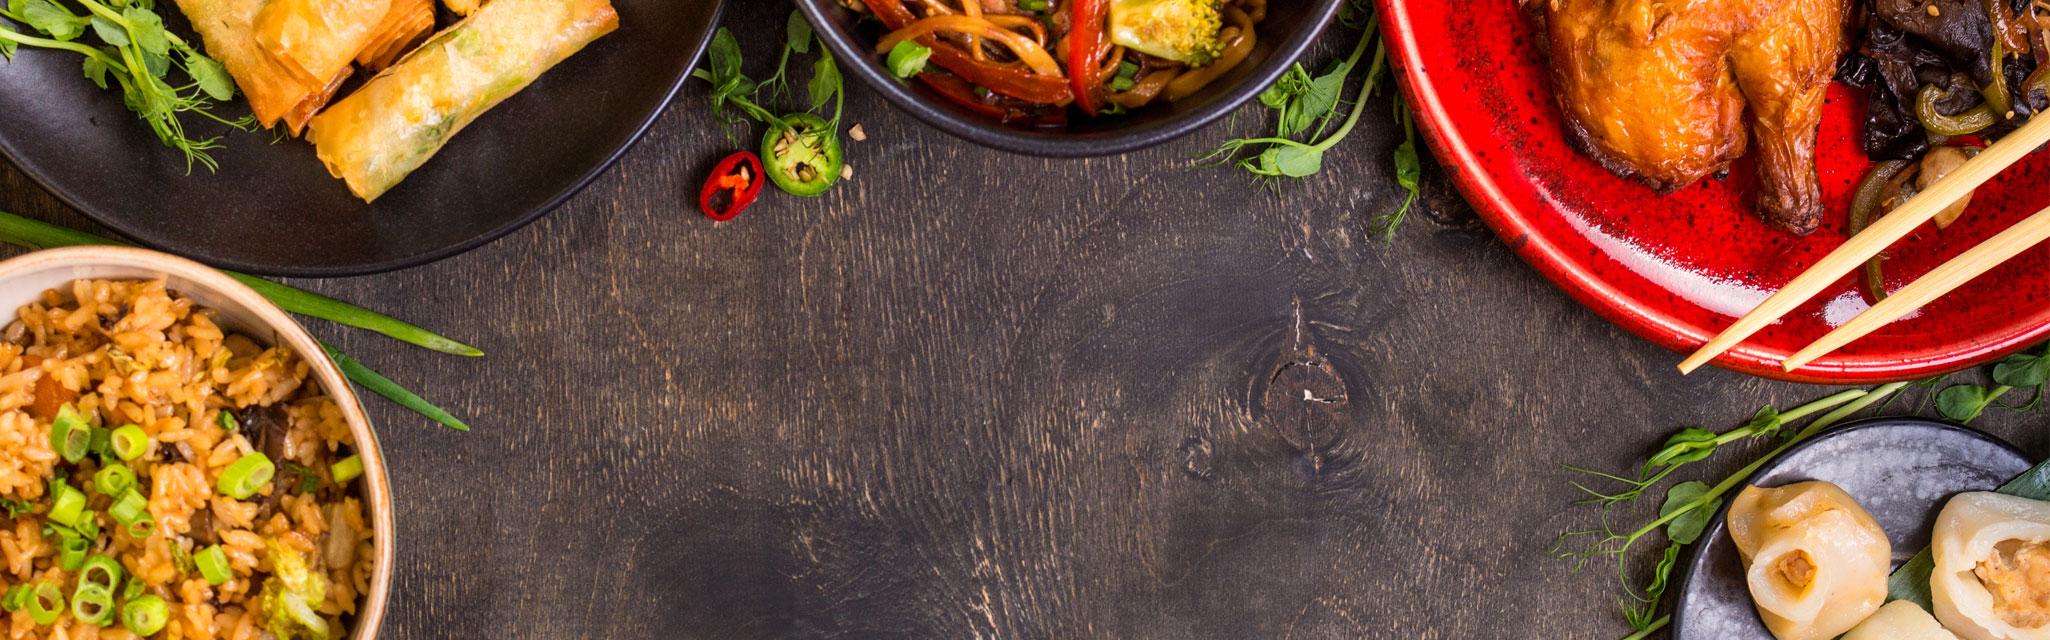 Новогодние сеты, заказать китайскую кухню ОН-ЛАЙН